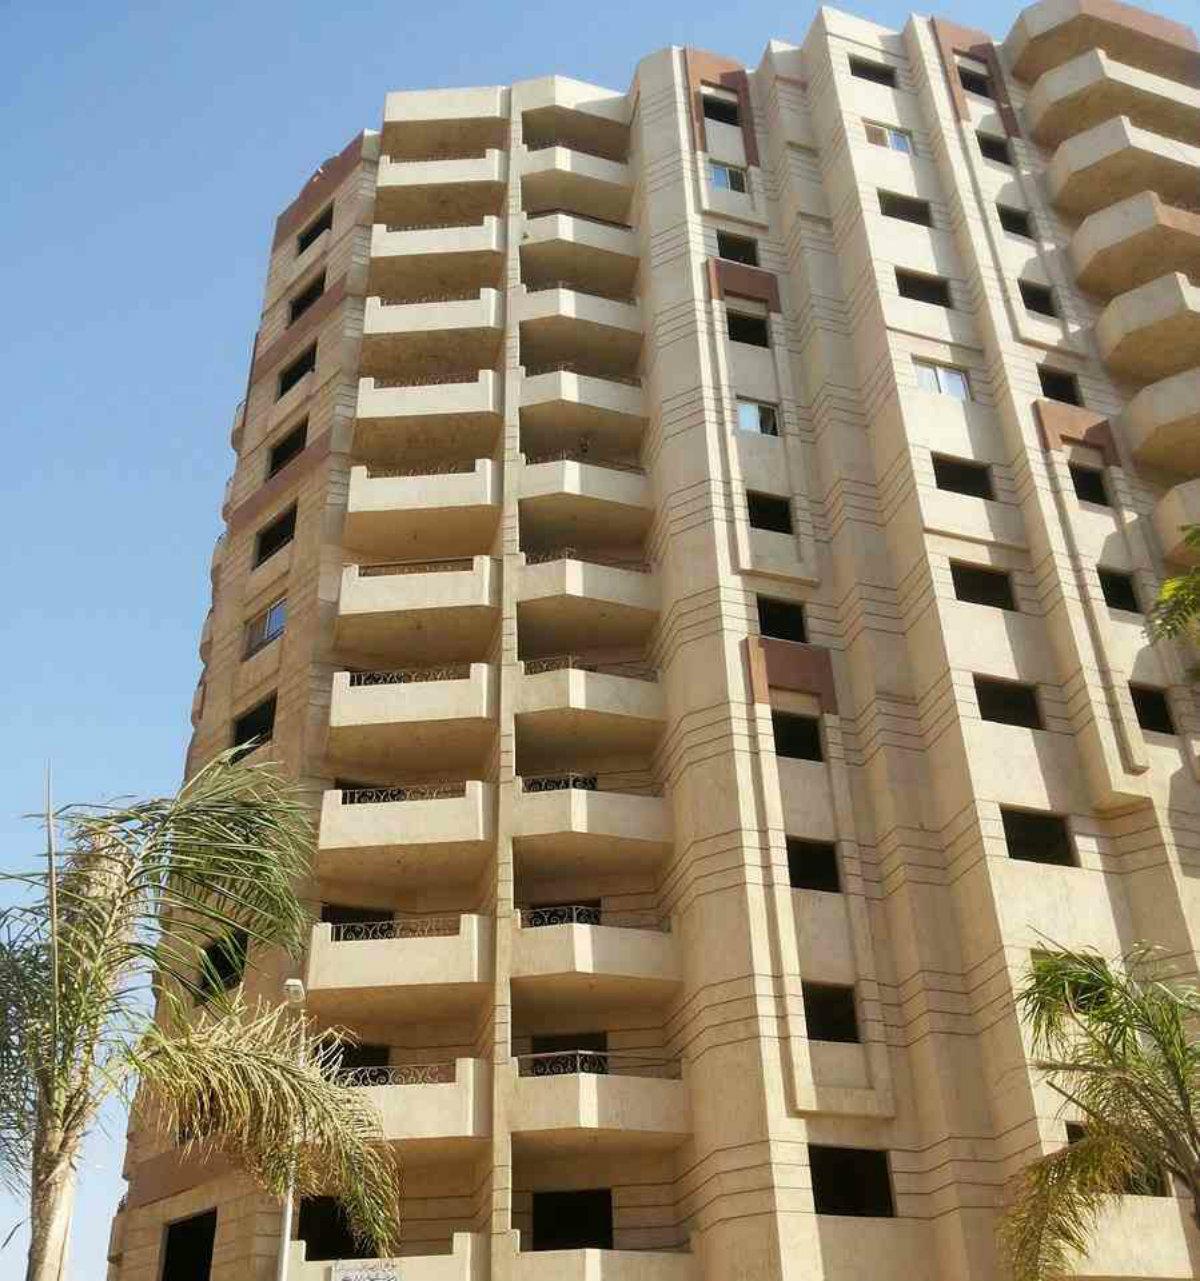 عقار ستوك - شقة 165 م بحى الواحة مدينة نصر